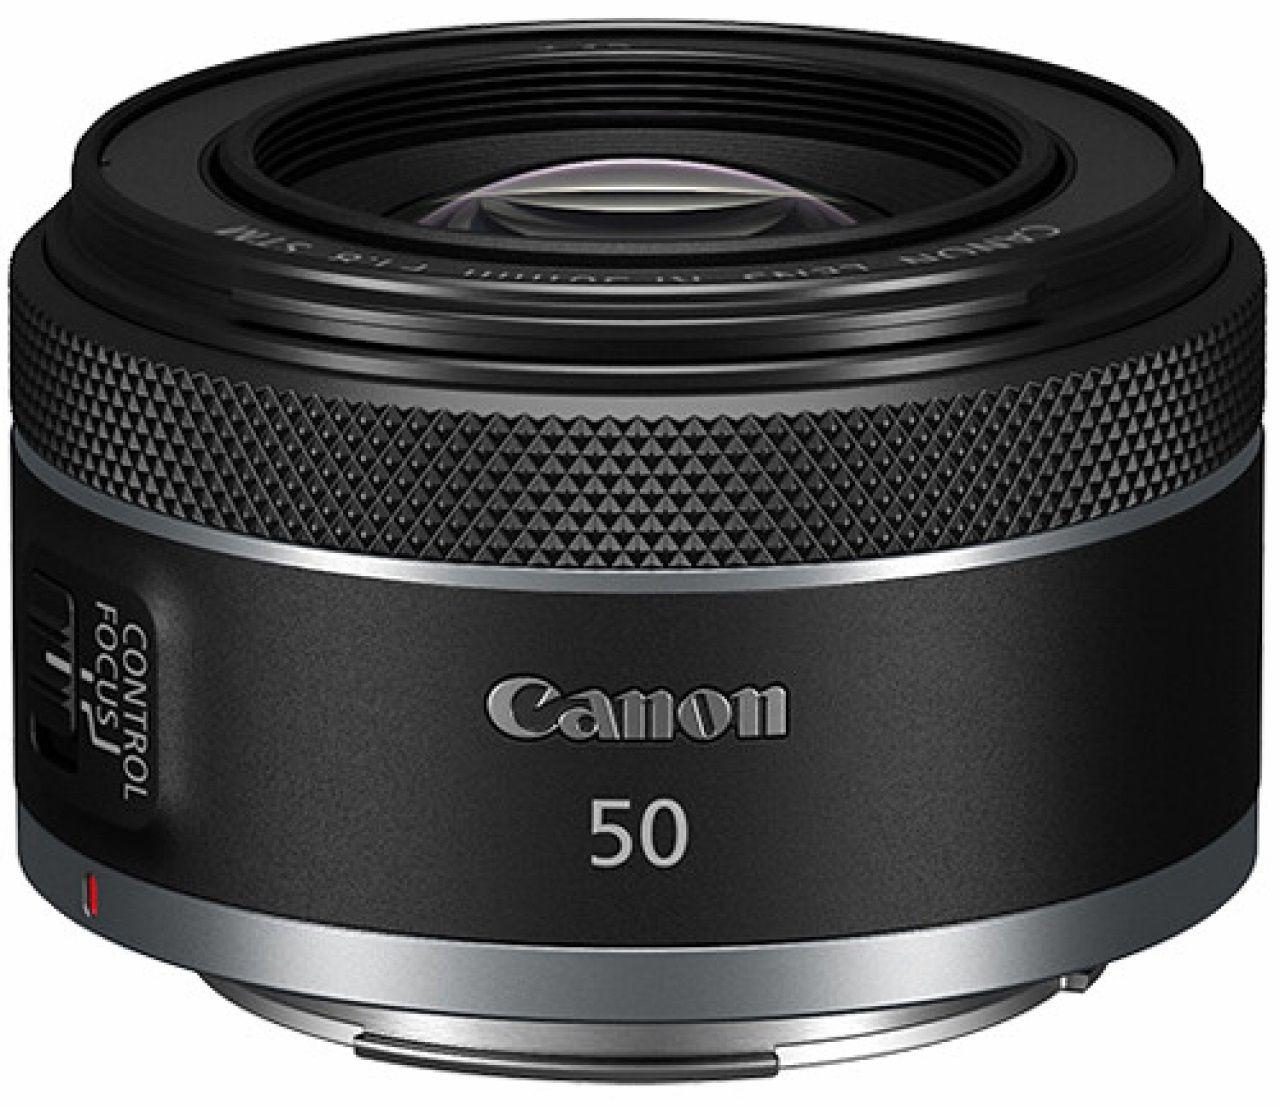 Canon RF 50mm f/1.8 STM Canon RF